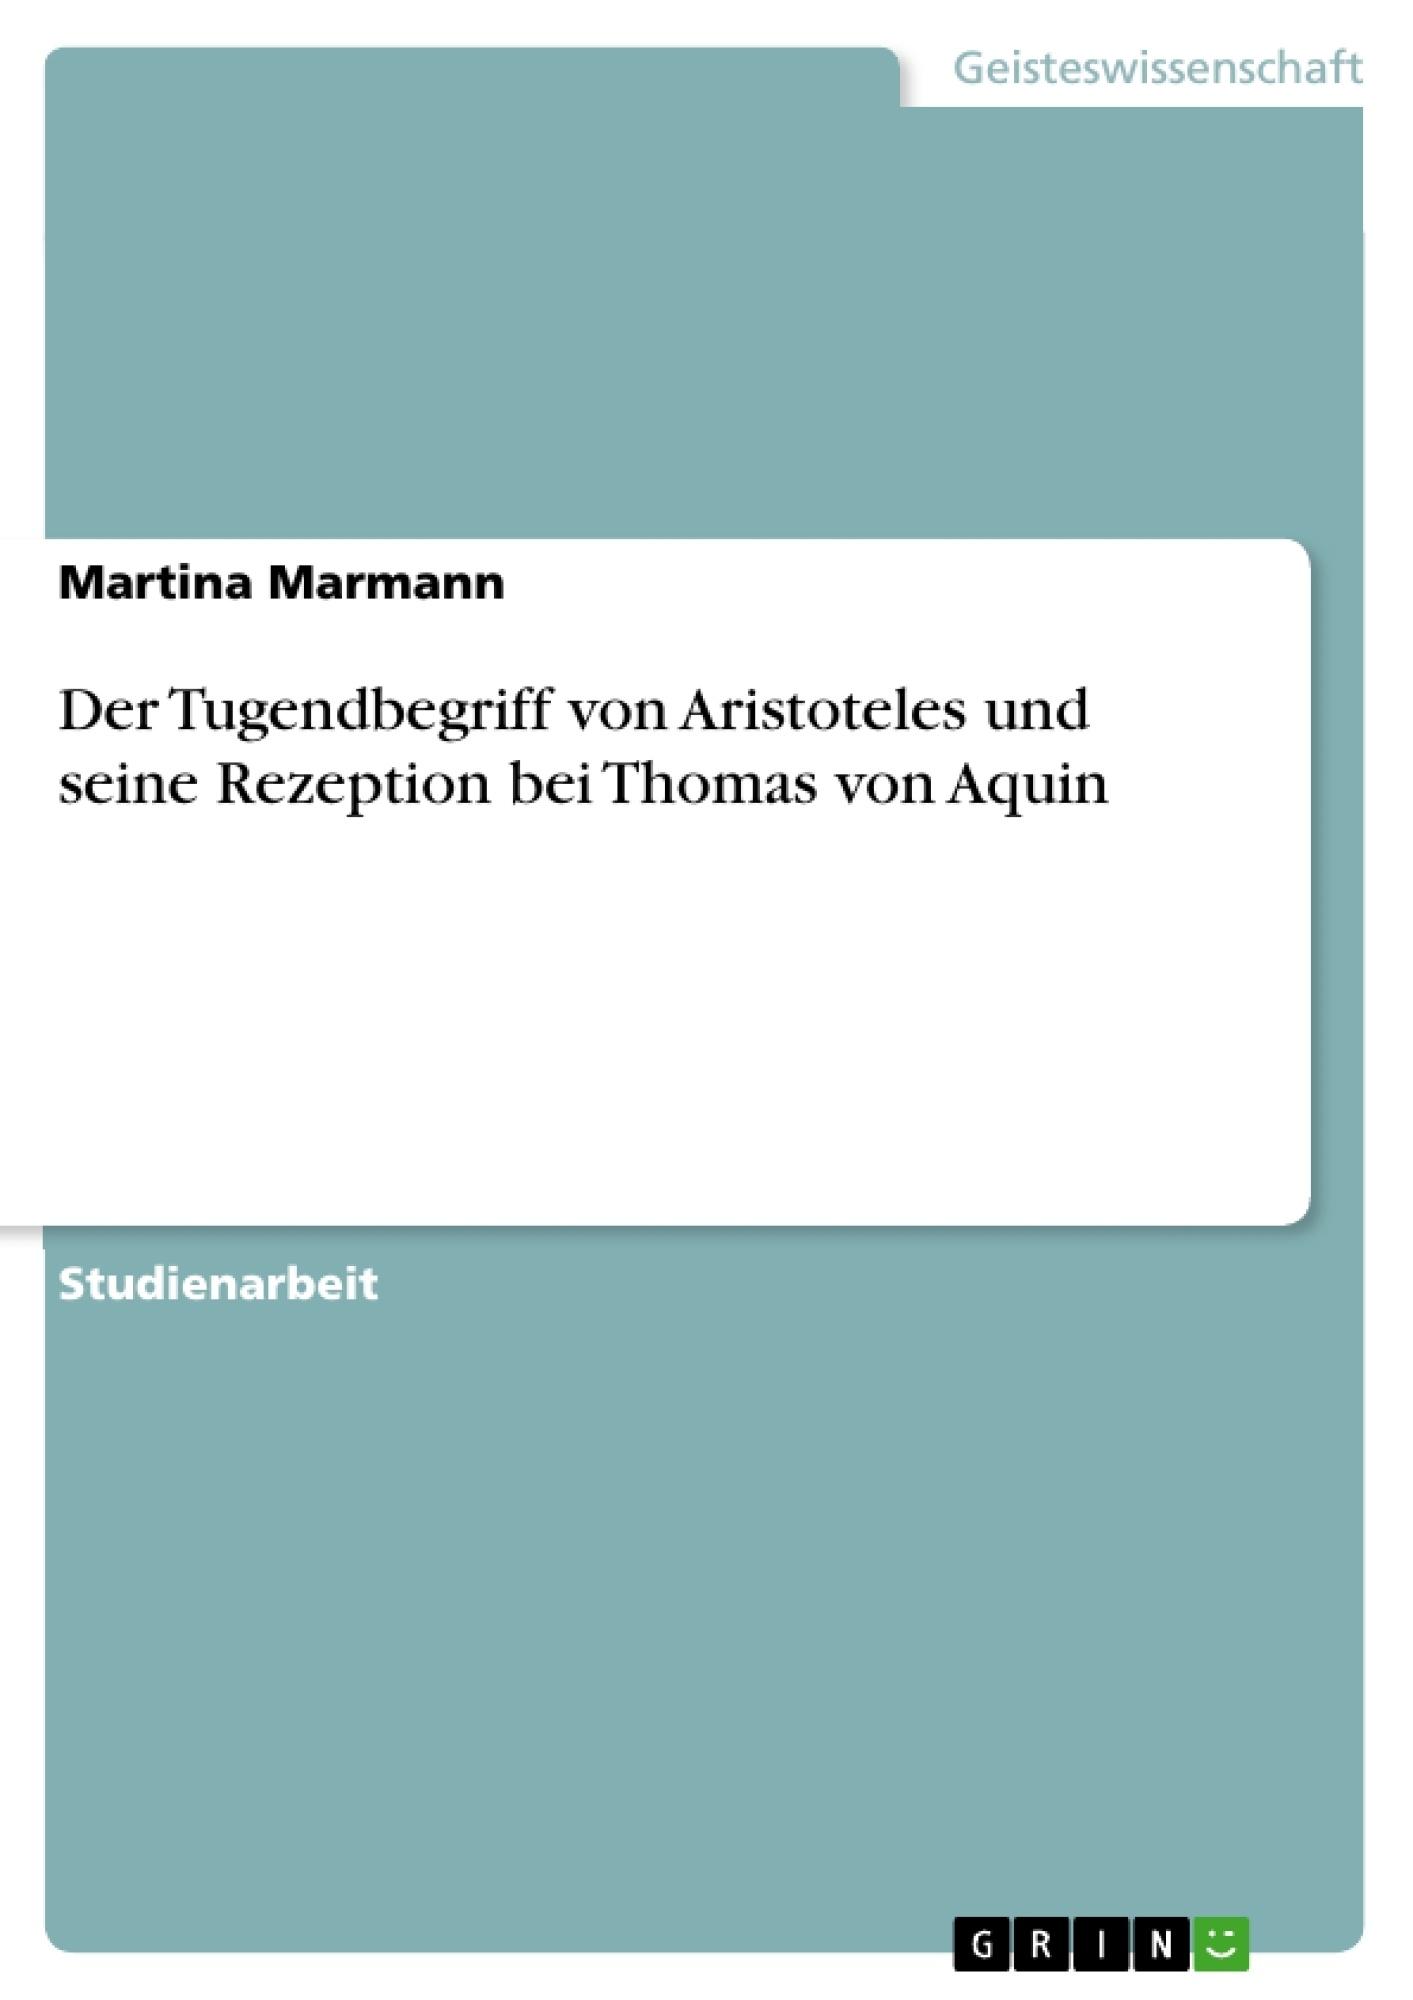 Titel: Der Tugendbegriff von Aristoteles und seine Rezeption bei Thomas von Aquin